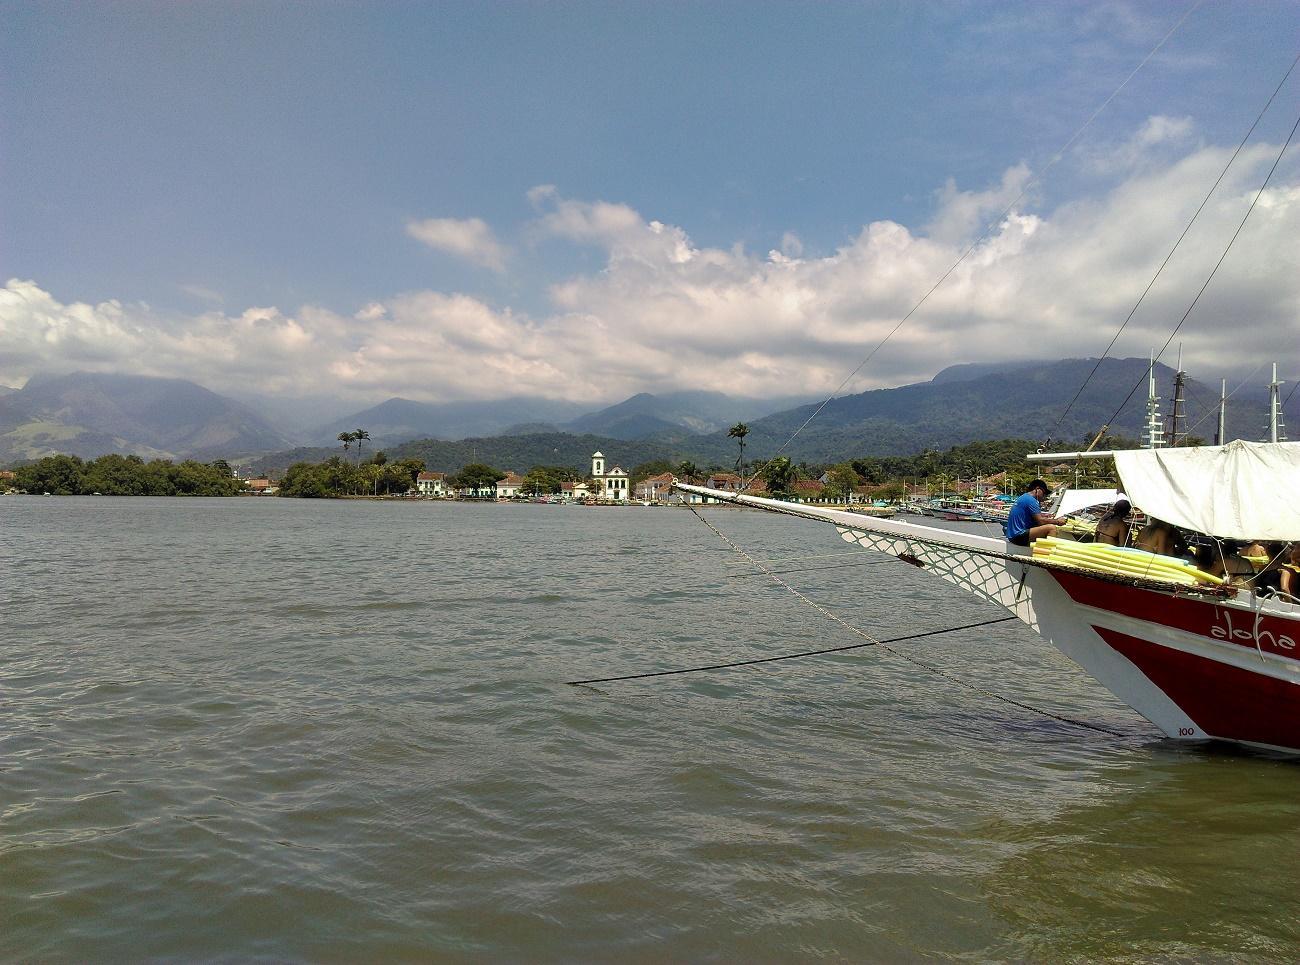 Passeio de barco em Paraty: lancha ou escuna?